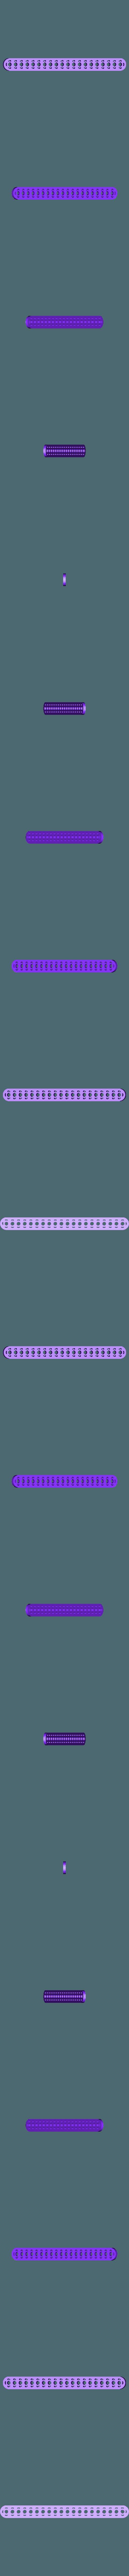 strait_20.STL Télécharger fichier STL gratuit MEGA Expansion 200+ Pièces • Plan à imprimer en 3D, Pwentey